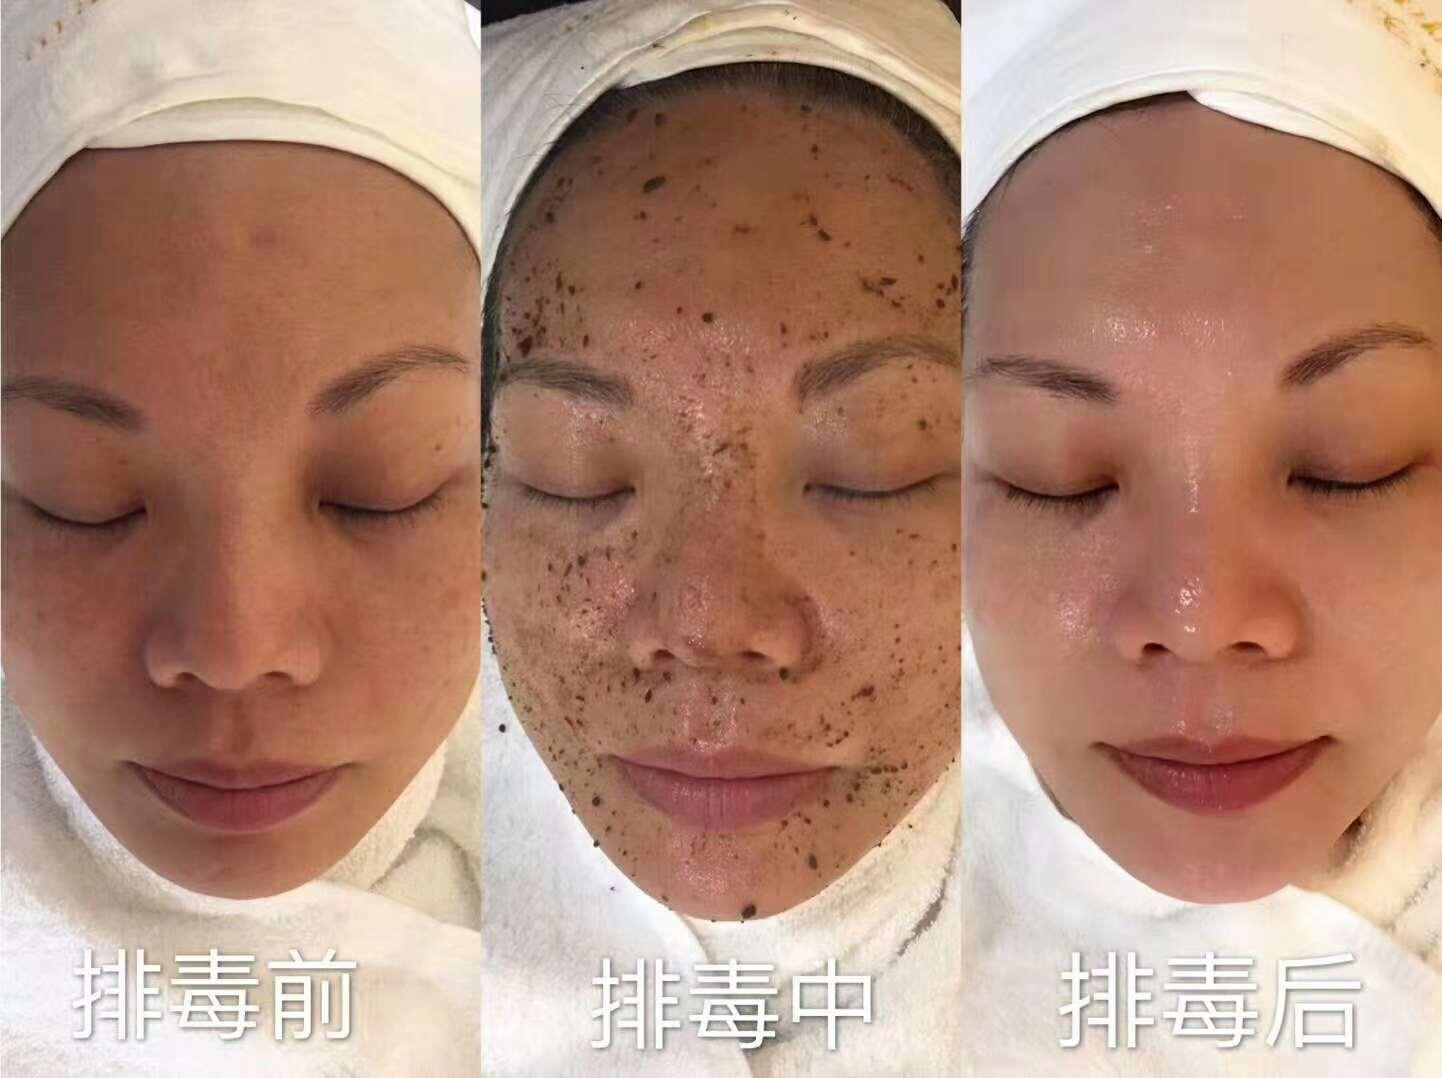 找好的面部清潔面部排毒就到素顏醫療_祛斑面部排毒生產廠家